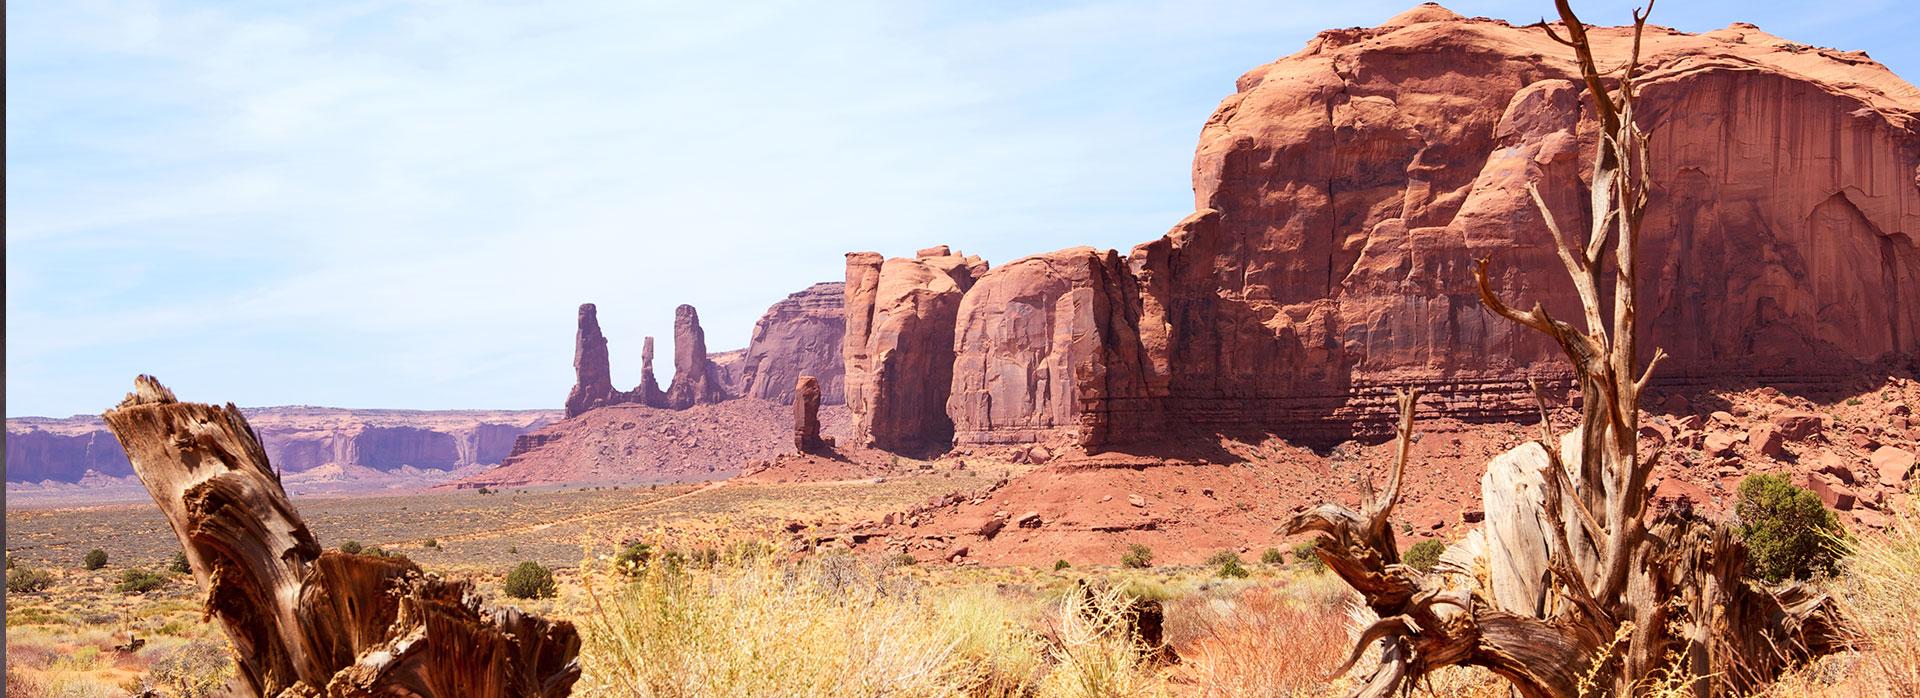 Arid Arizona